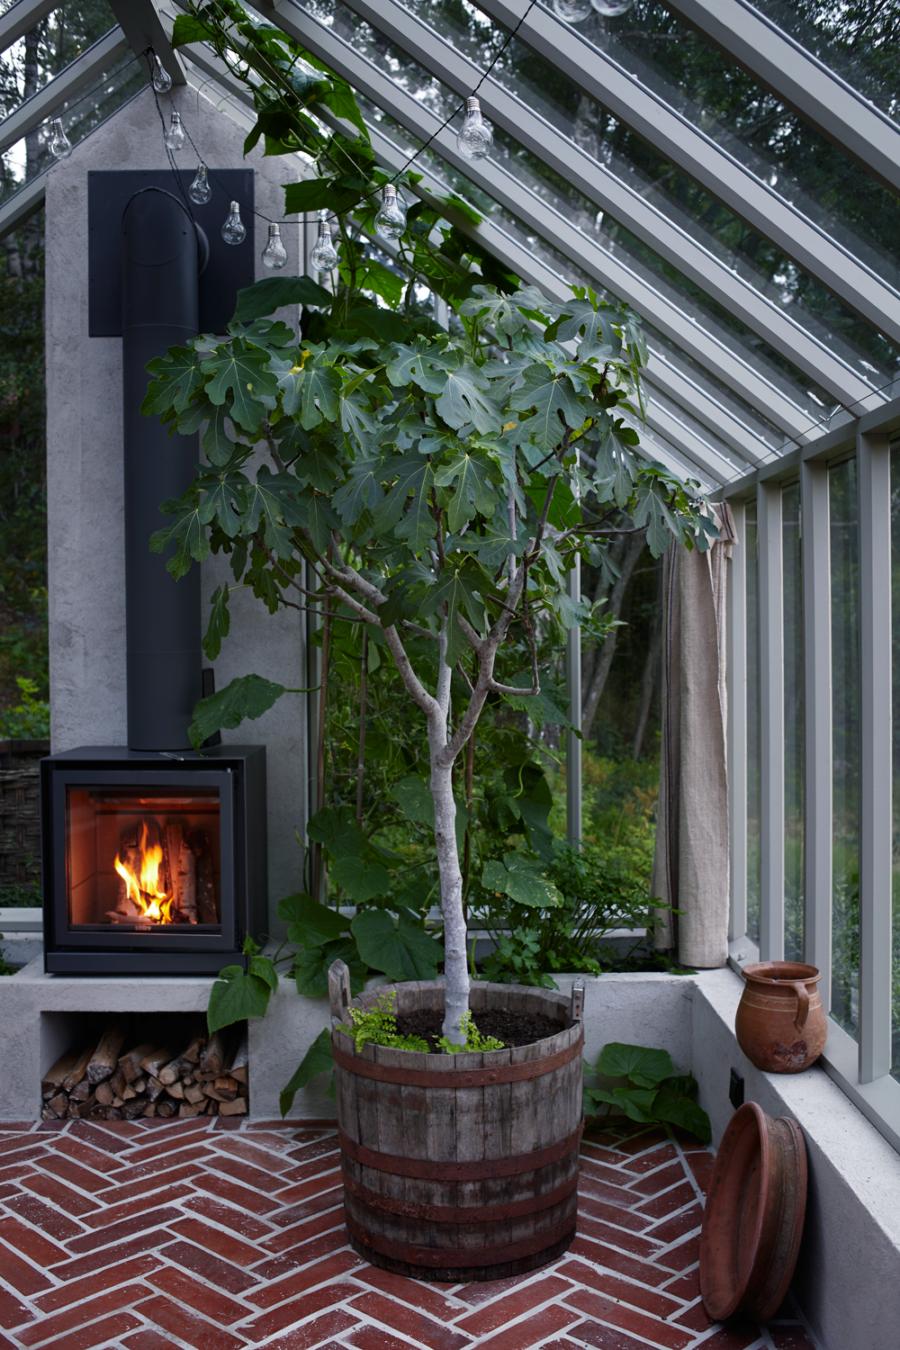 Kika in i Victoria Skoglunds underbara växthus | Hus | Pinterest ...